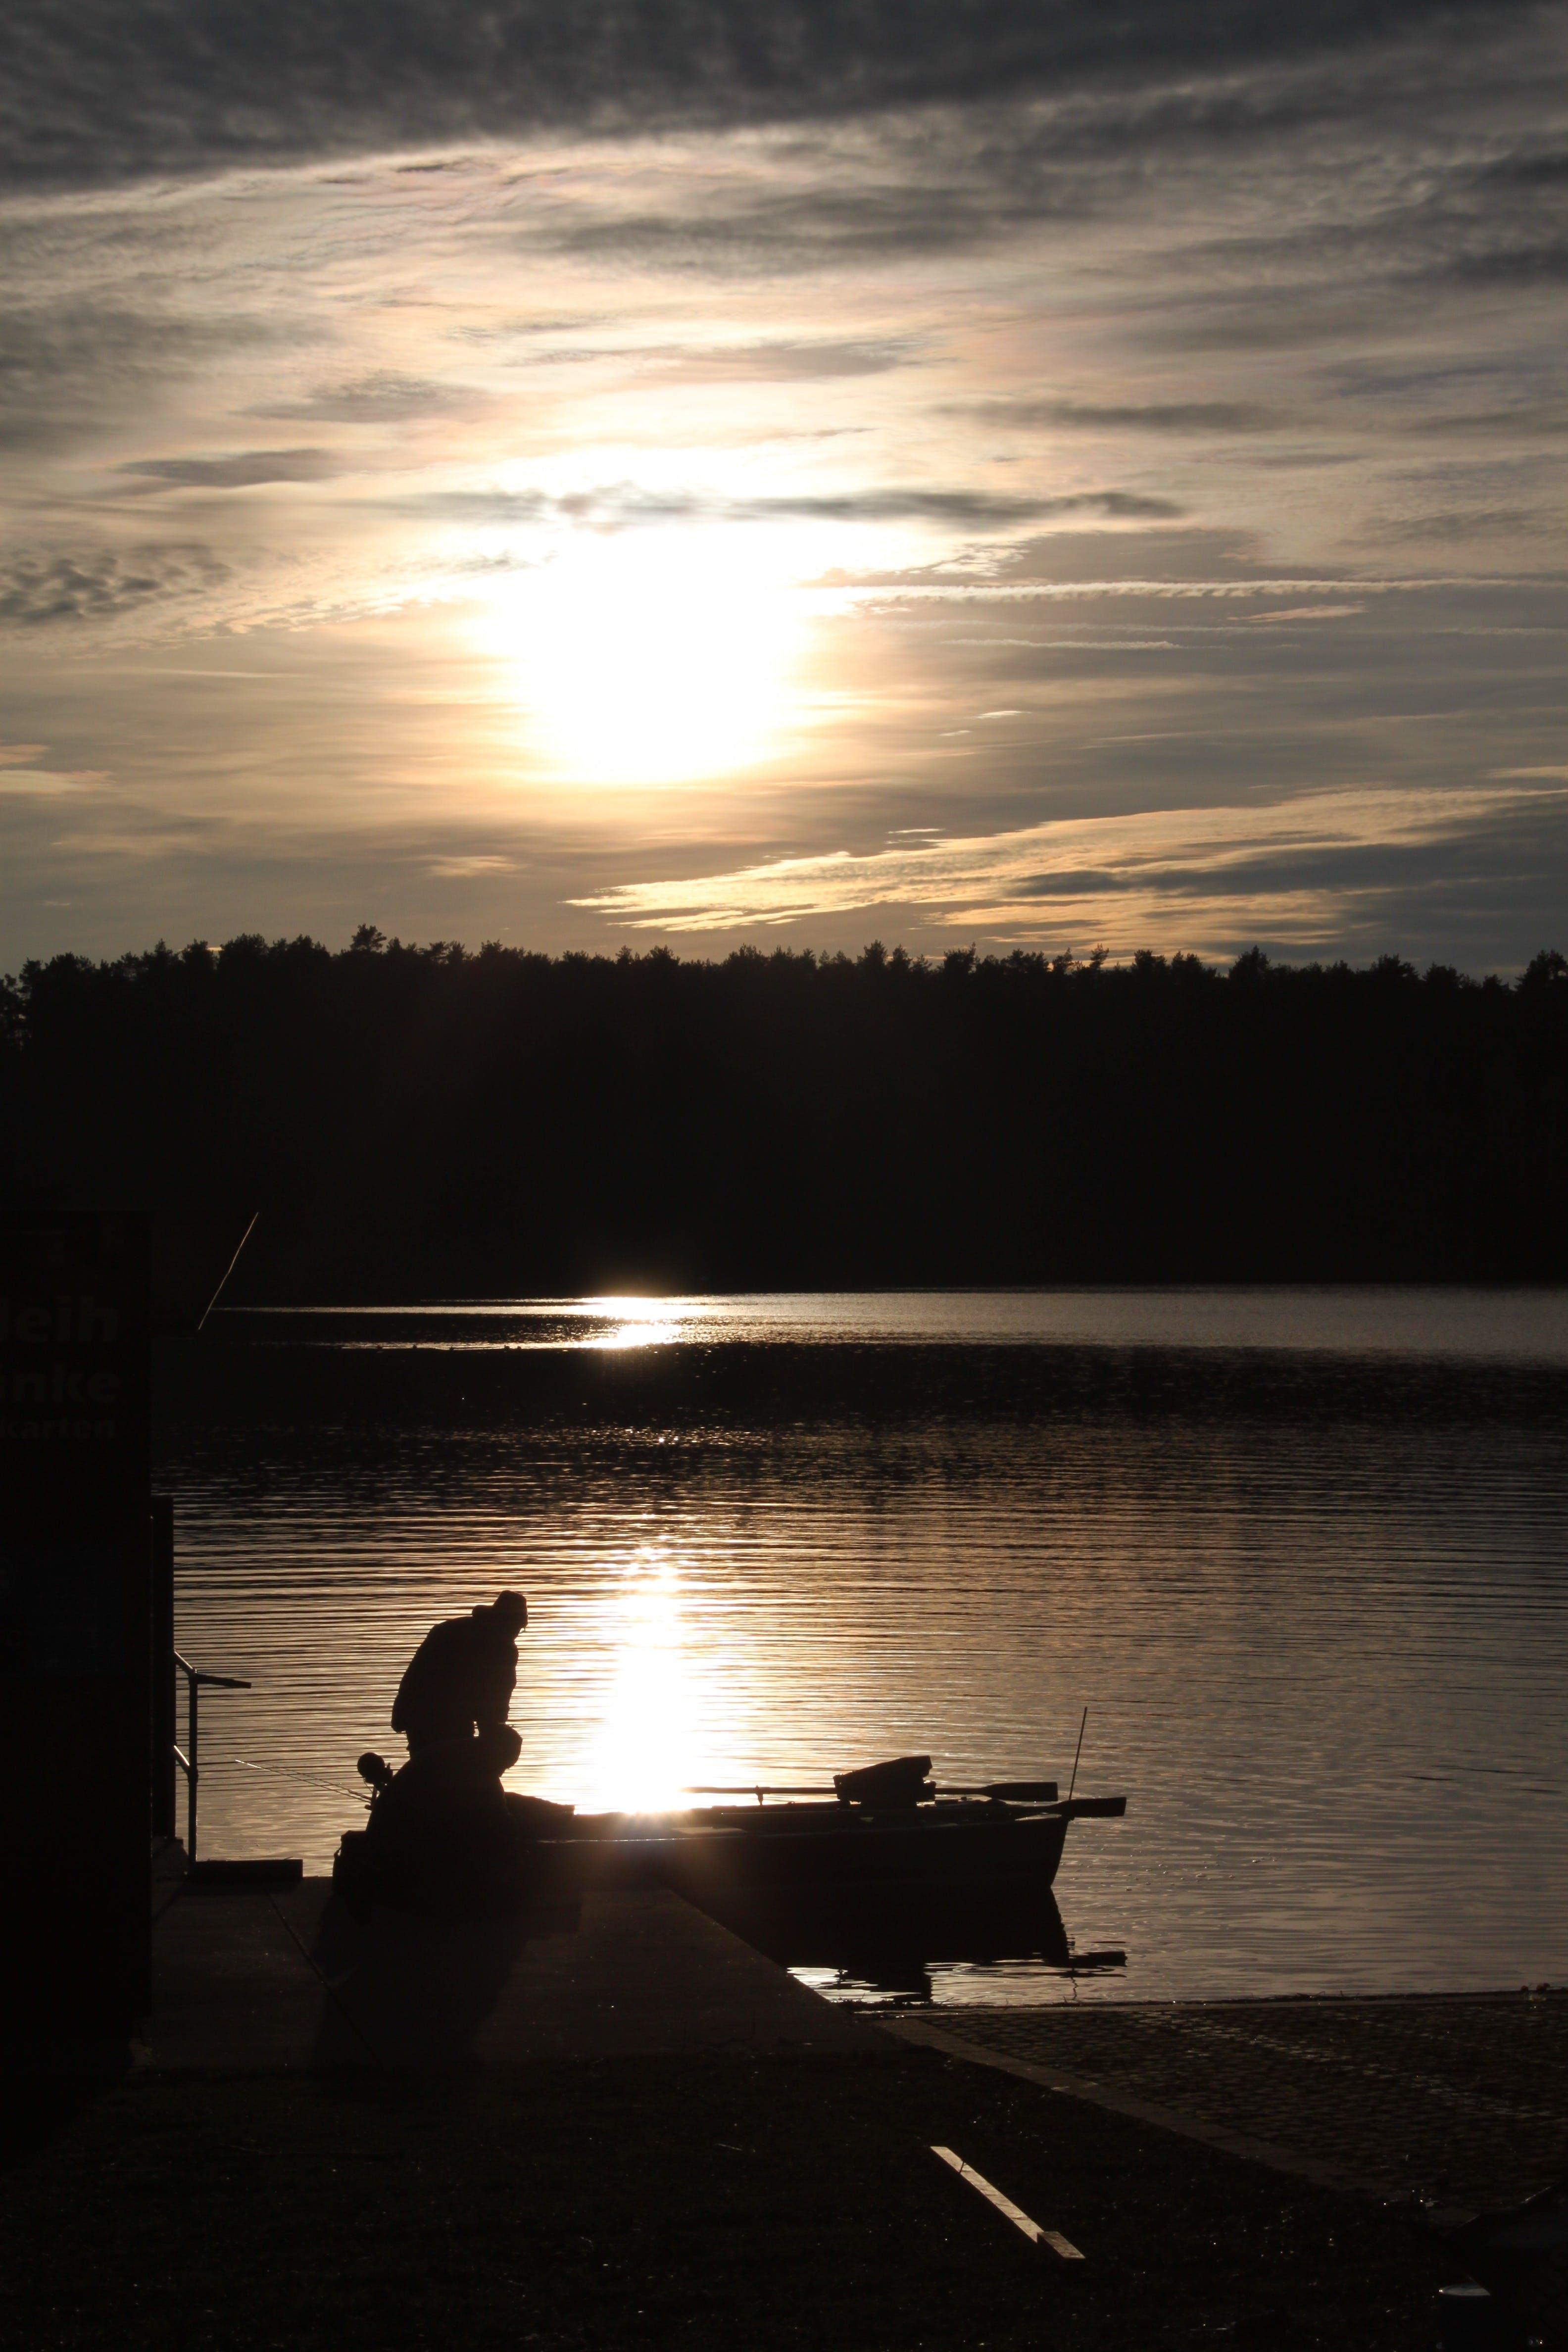 Free stock photo of fishing, landscape, nature, sunset